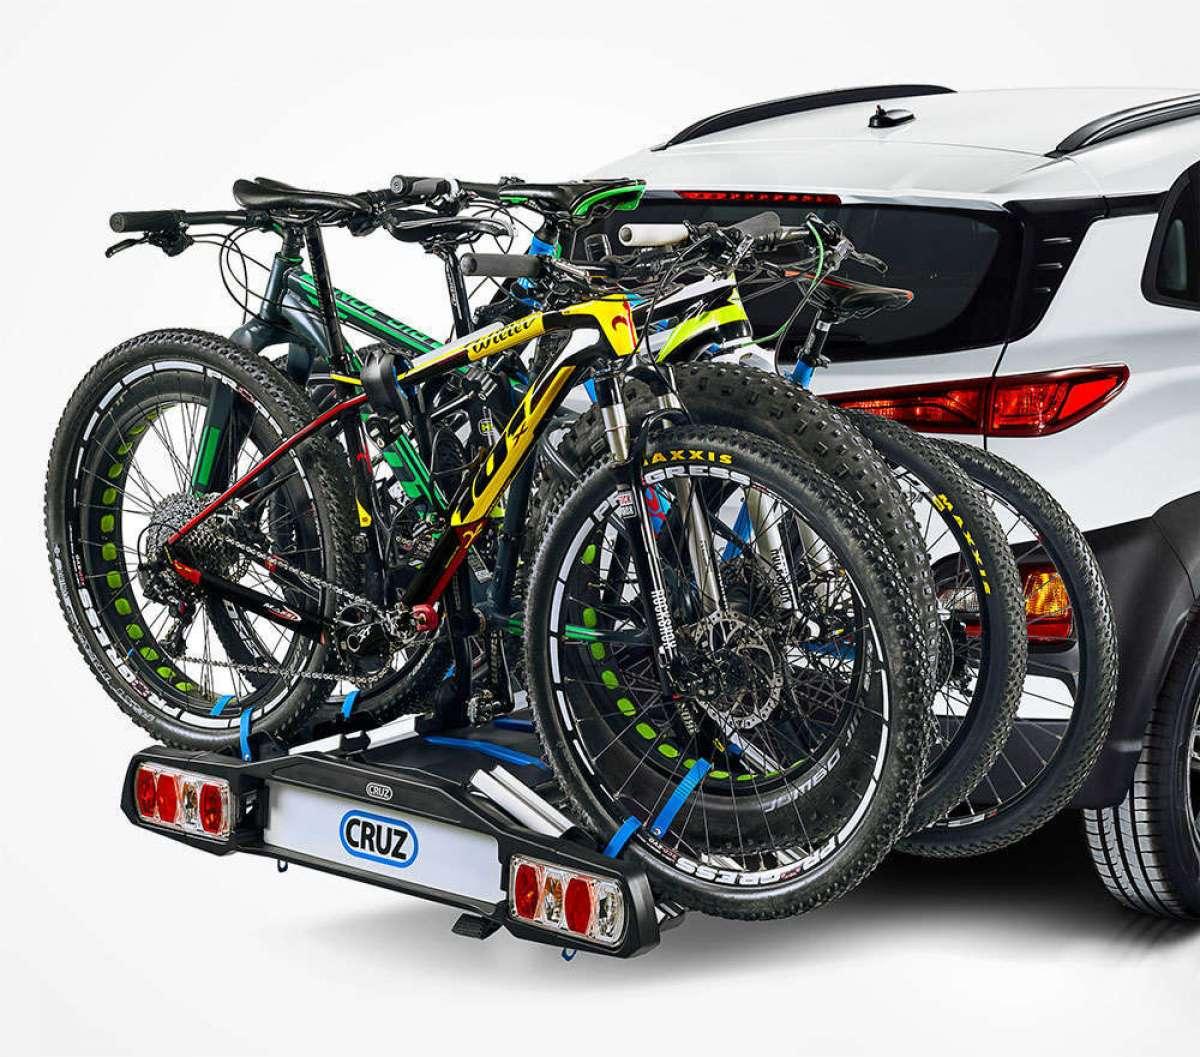 ¿Cómo llevar hasta cuatro bicicletas en el coche? Con el portabicicletas Cruz Pivot 4